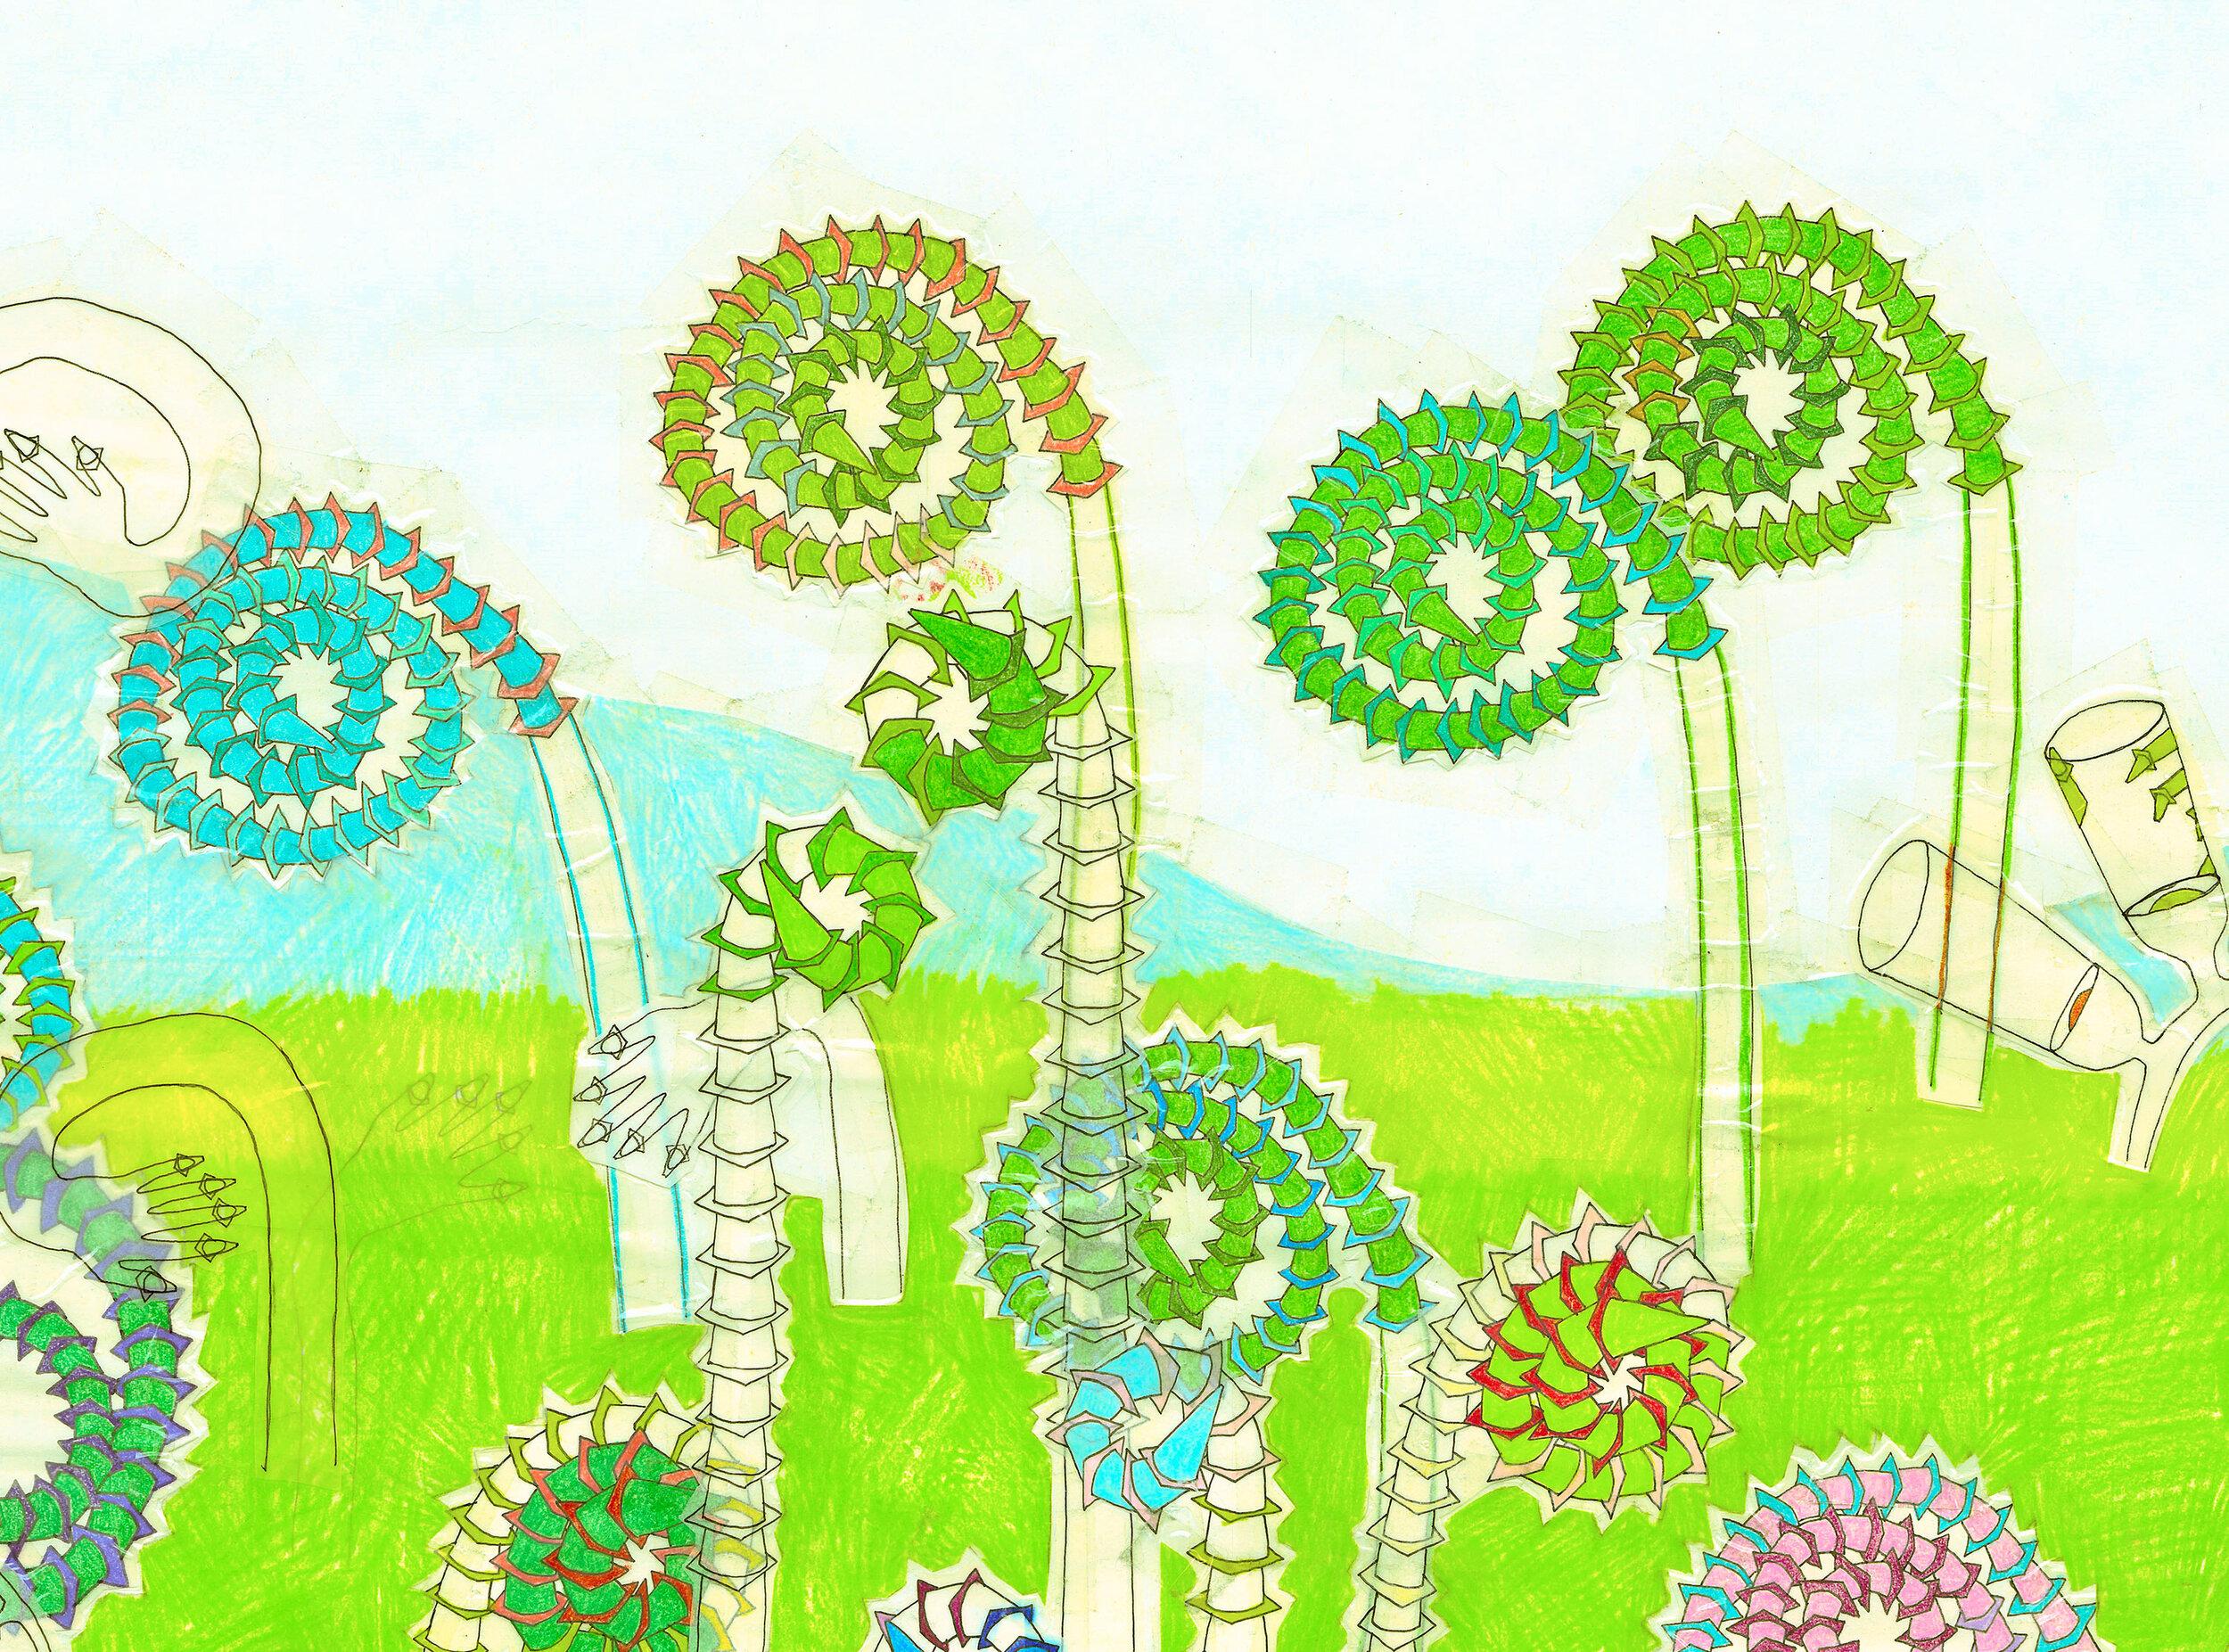 The-Last-Summer-detail-fern-unfurling.jpg